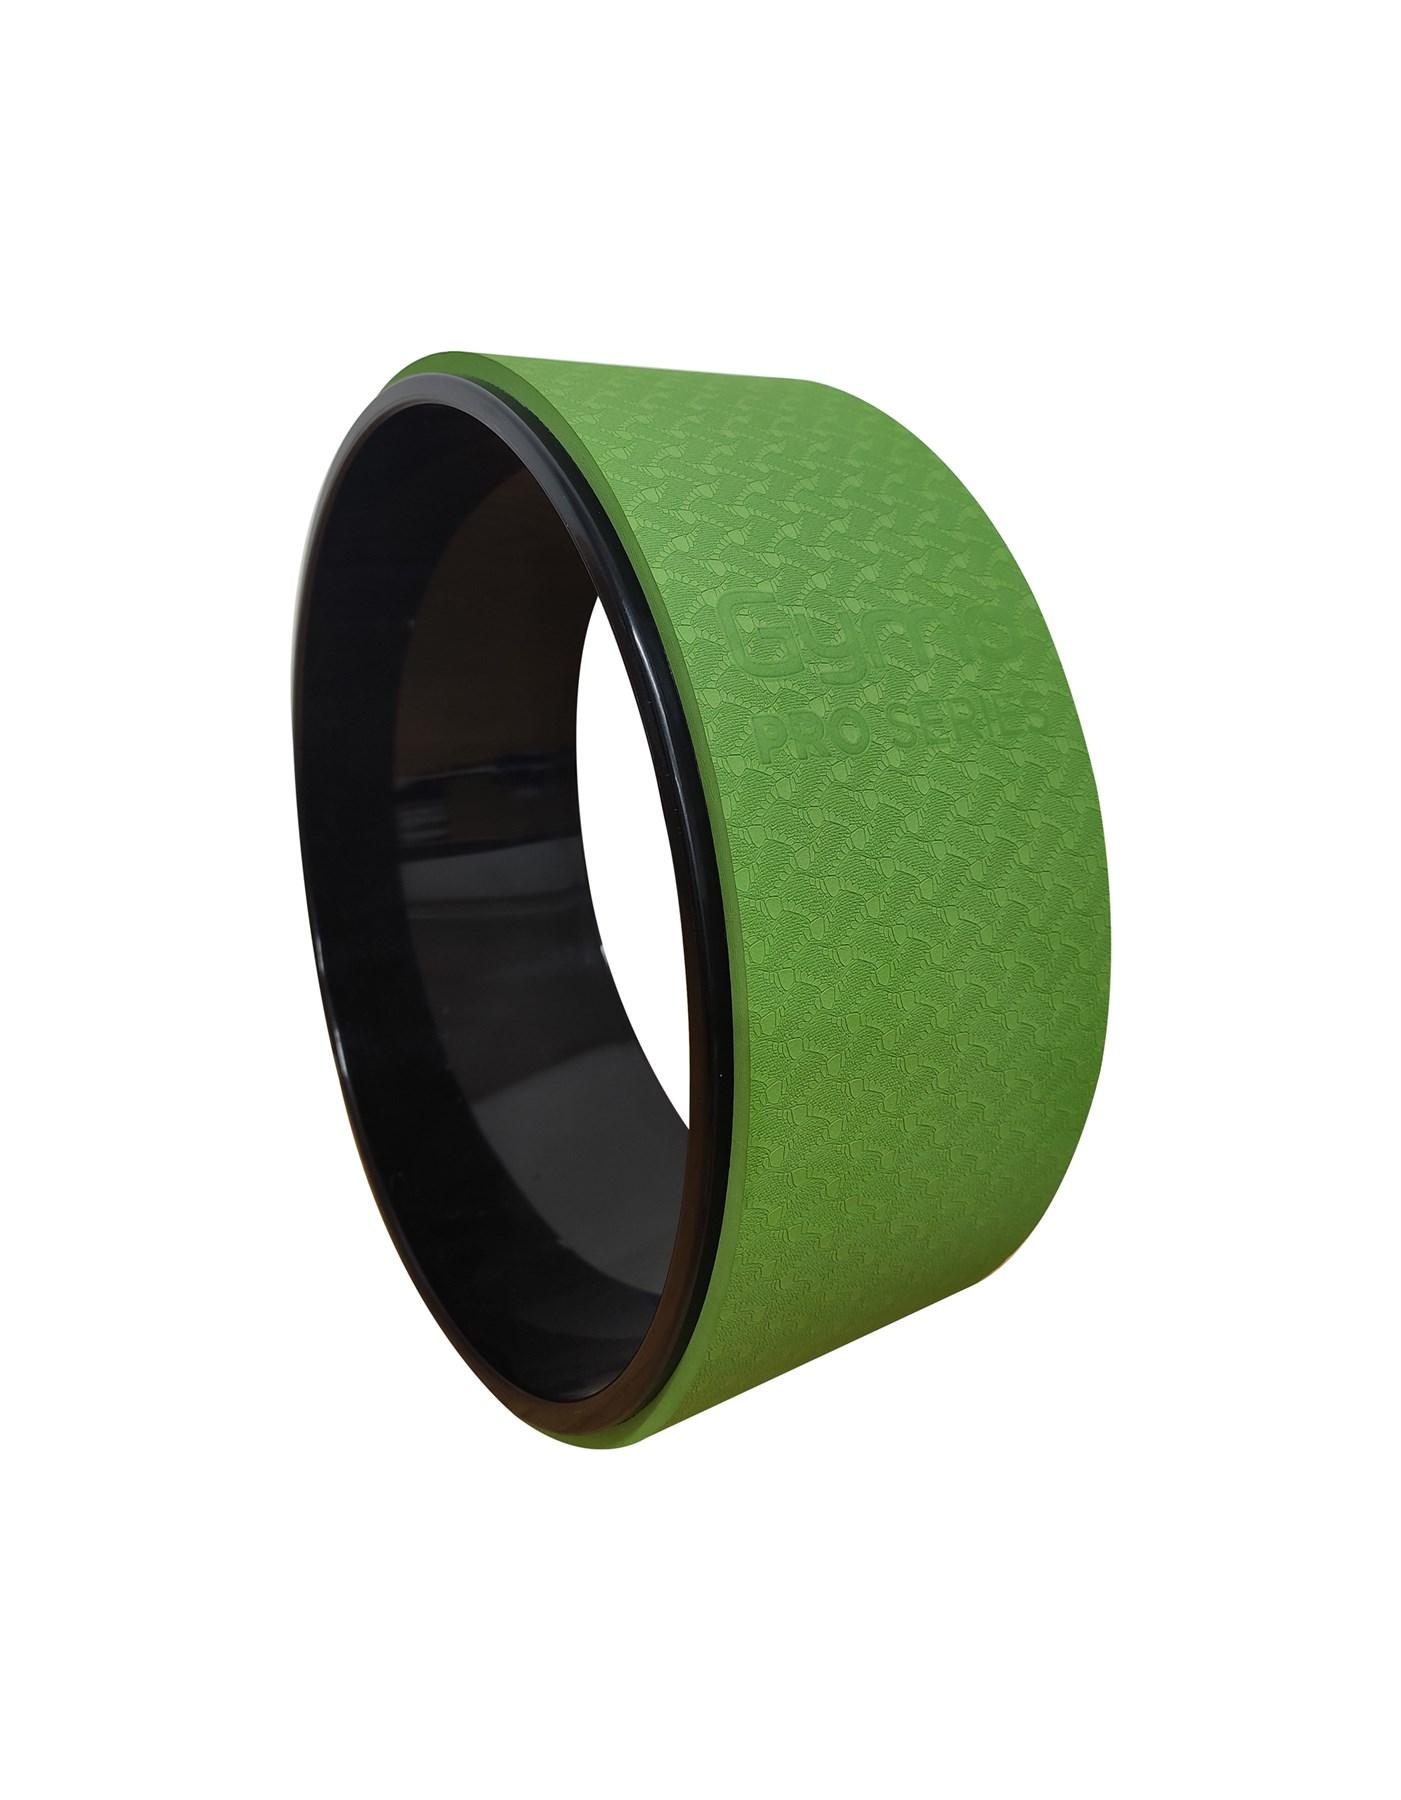 GYMO SPORTS - Gymo Pro Series Yoga Tekerleği Egzersiz Çemberi 33cm Yeşil x Siyah